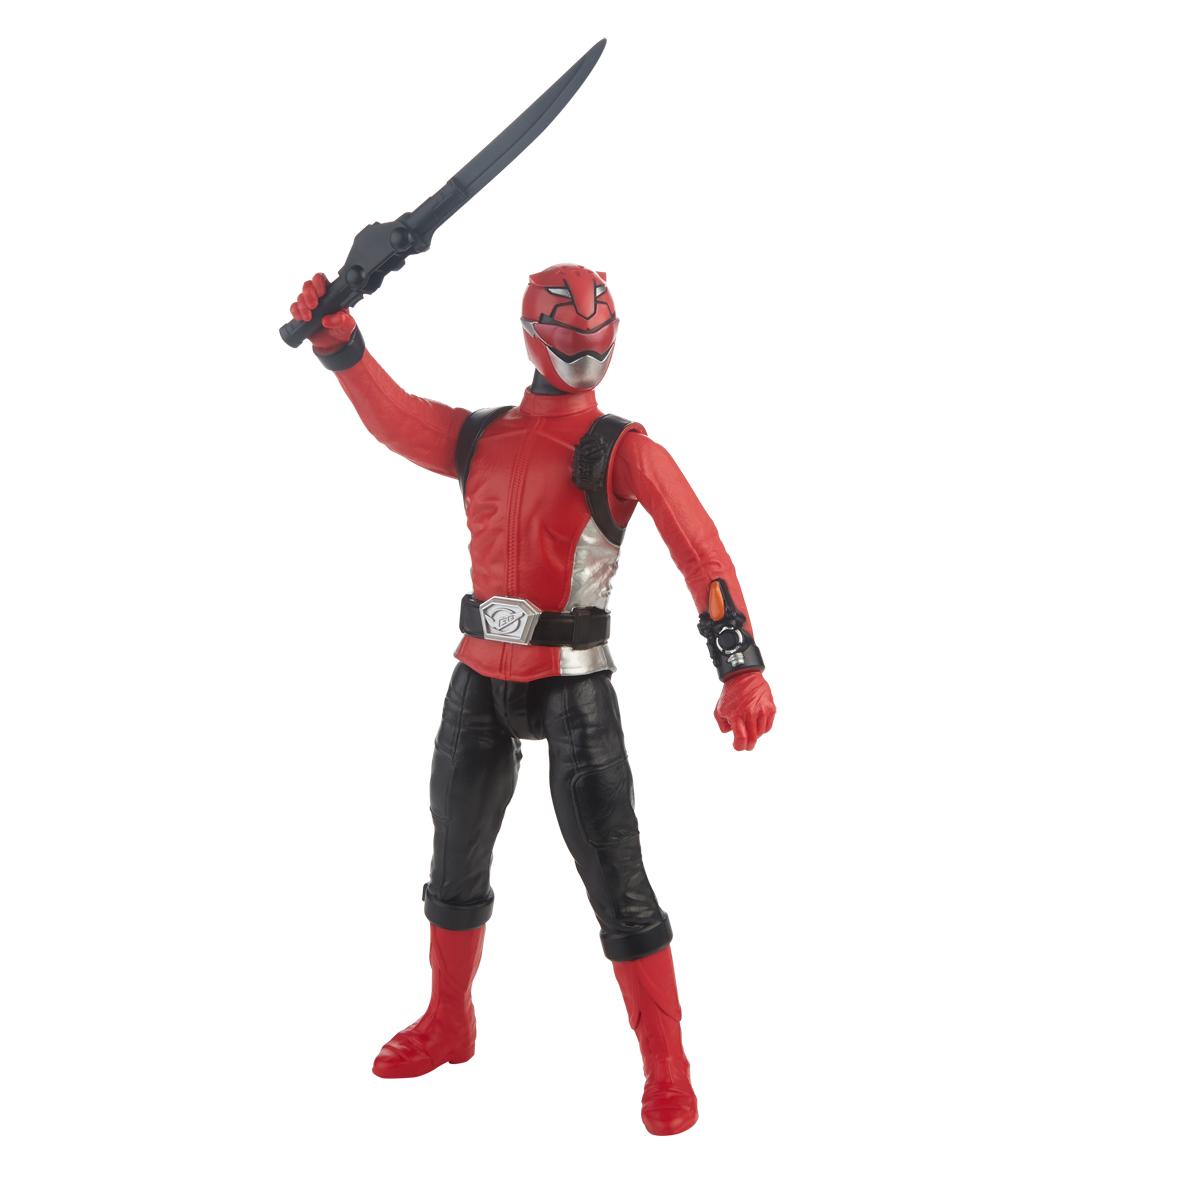 Power Rangers Beast Morphers 30cm Action Figure - Red Ranger